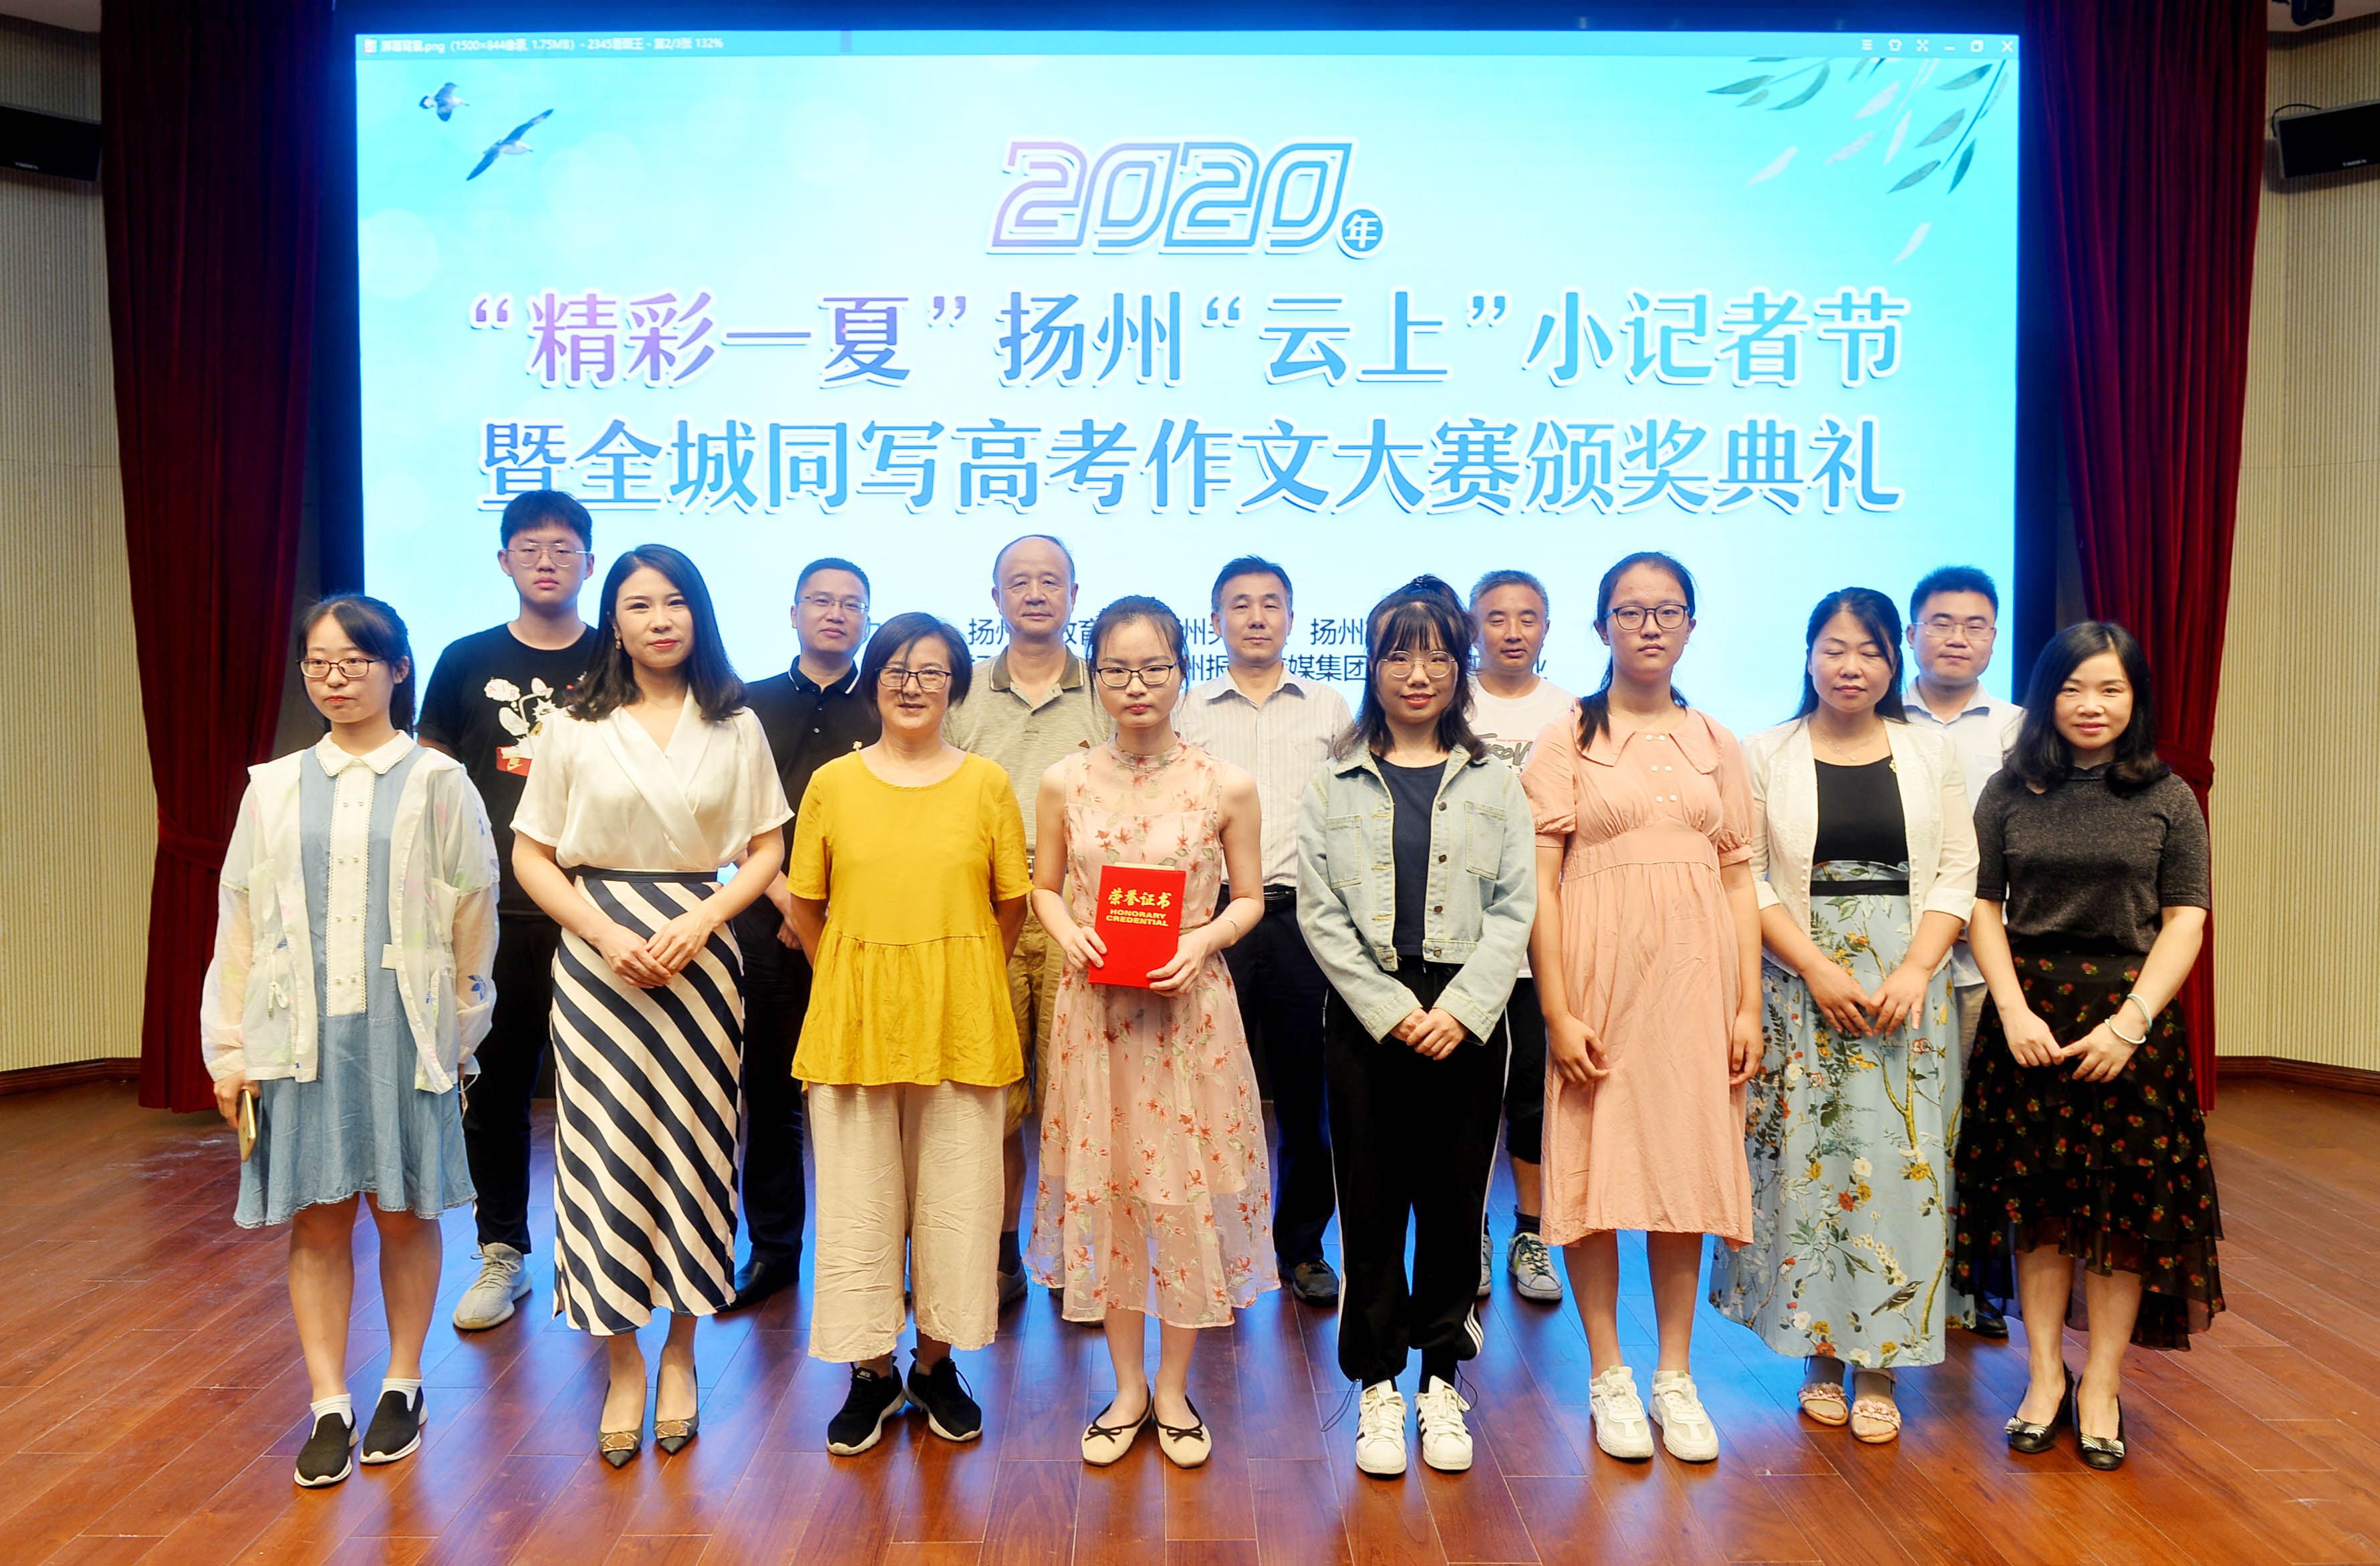 全城同写高考作文大赛颁奖已成扬州年度写作盛宴